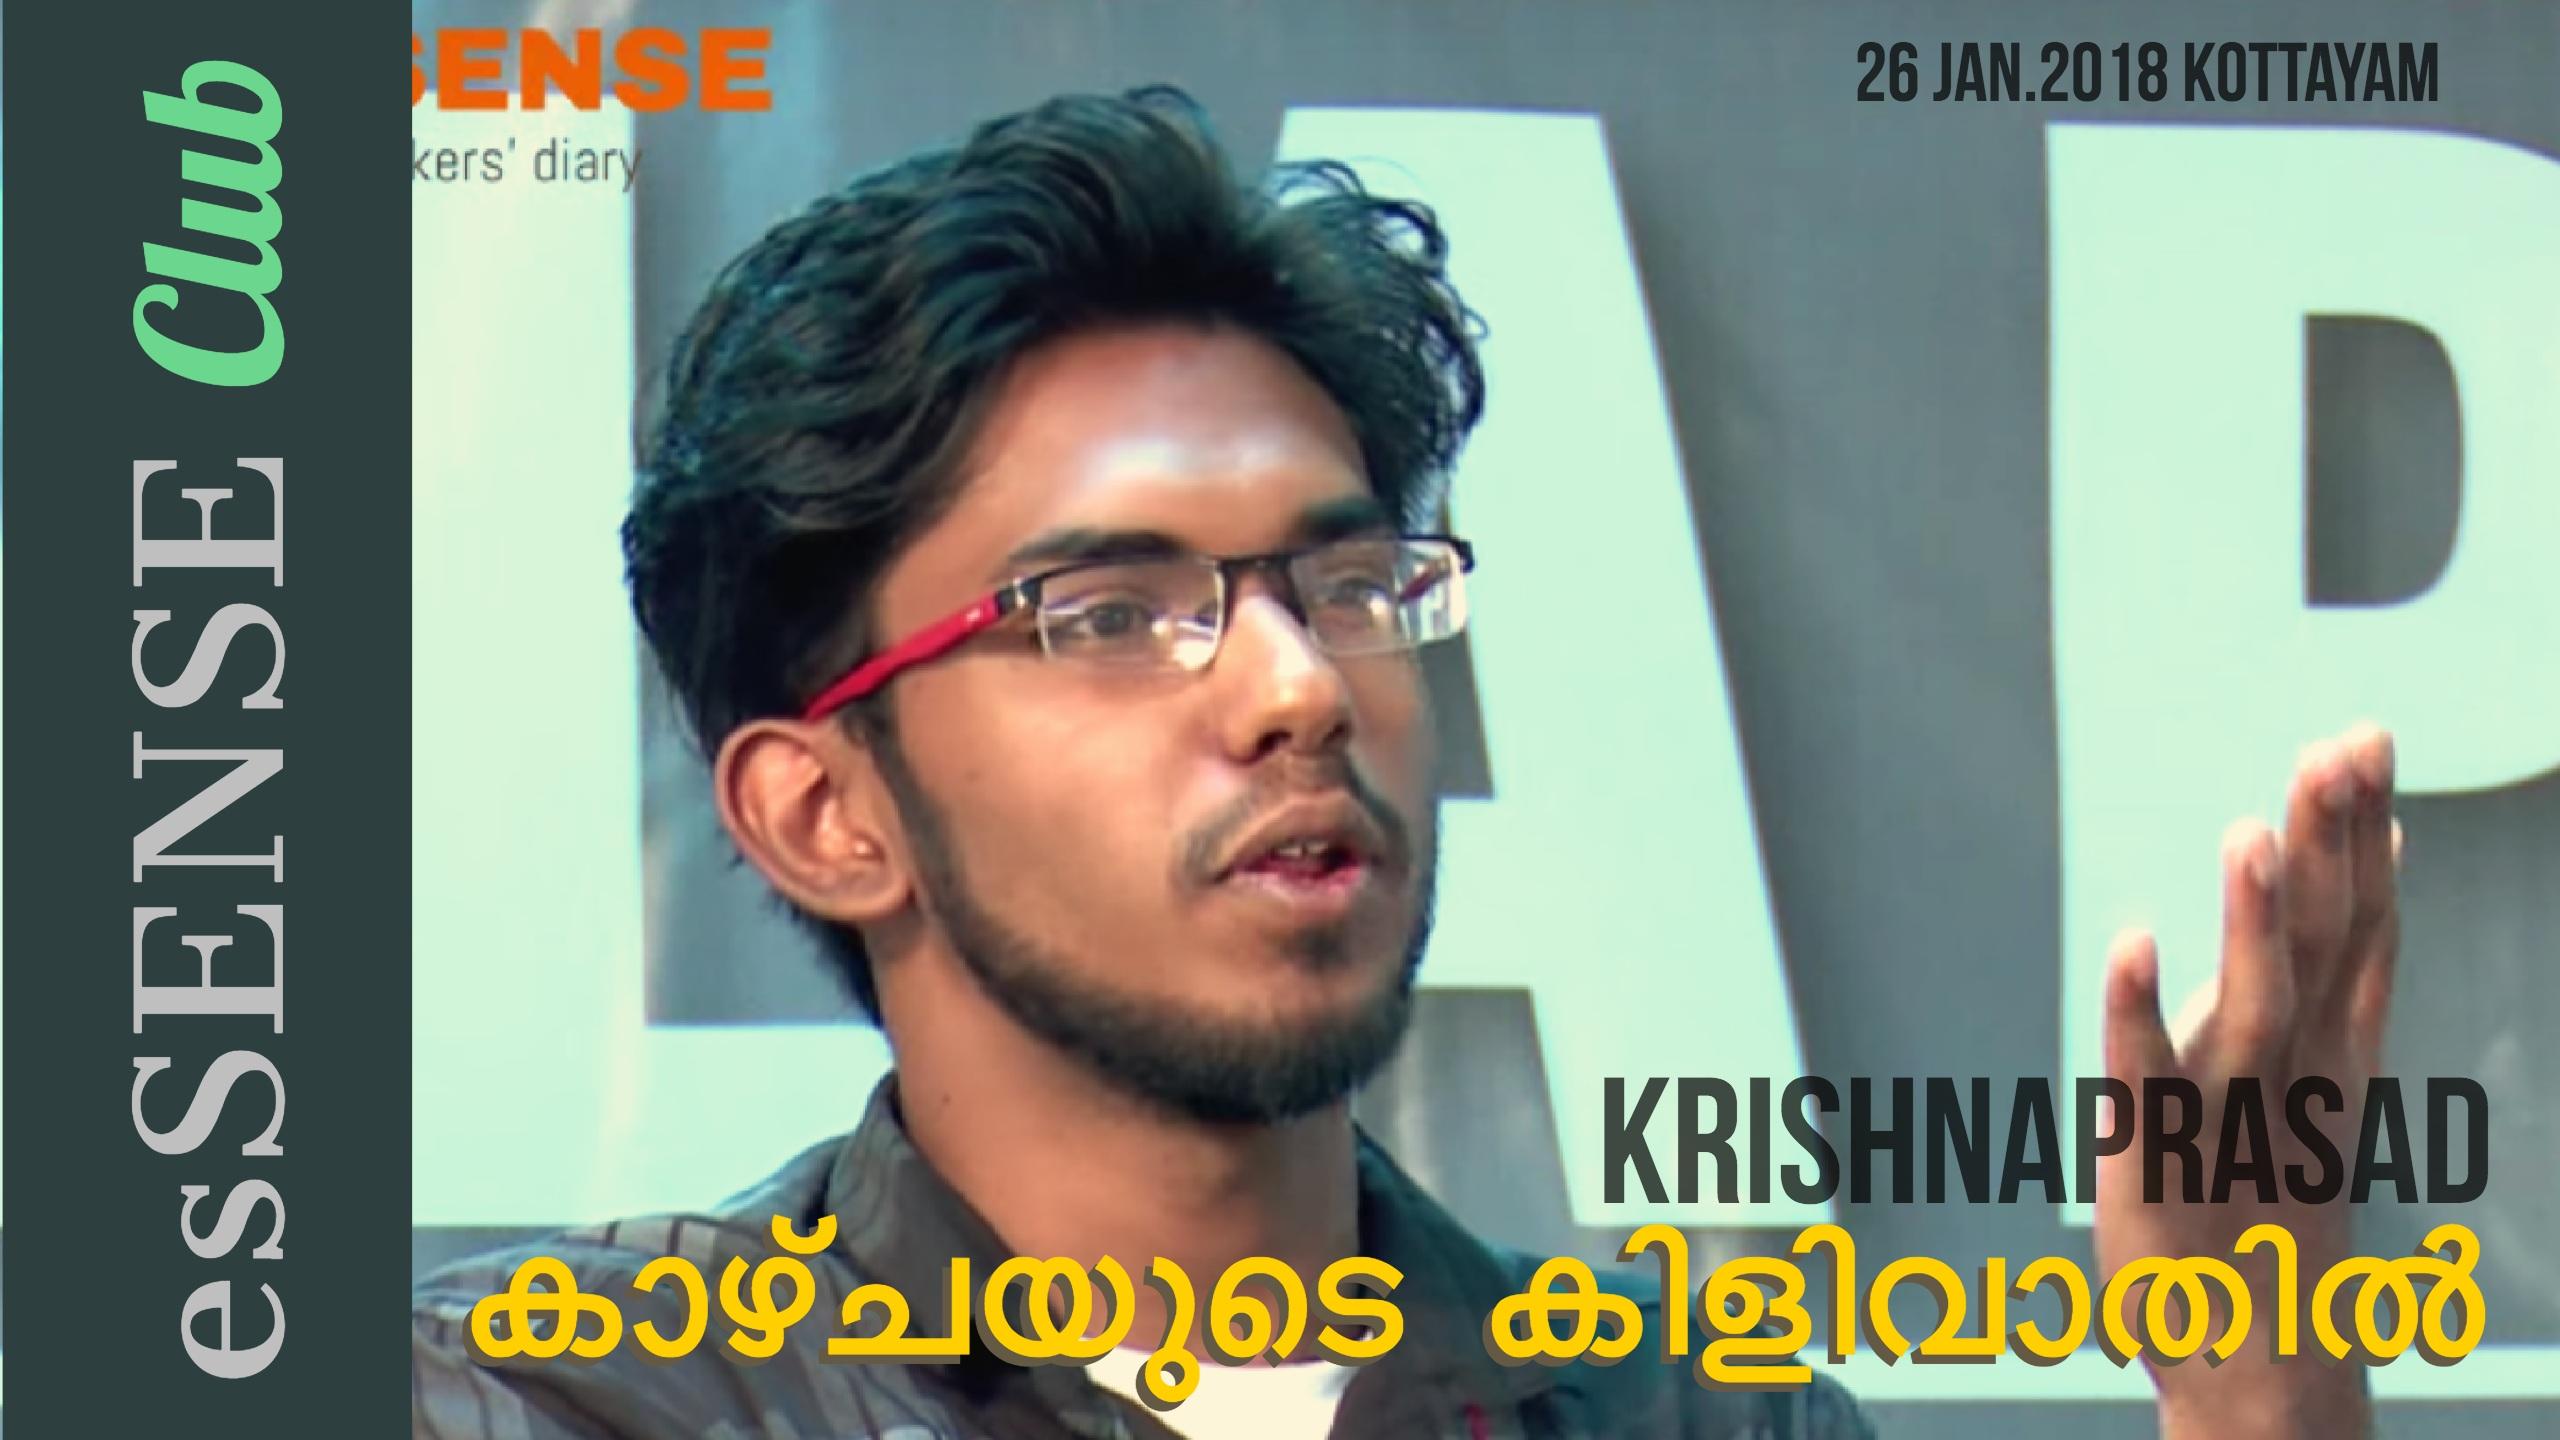 കാഴ്ചയുടെ കിളിവാതില് | Kazchayude Kilivathil - Krishnaprasad